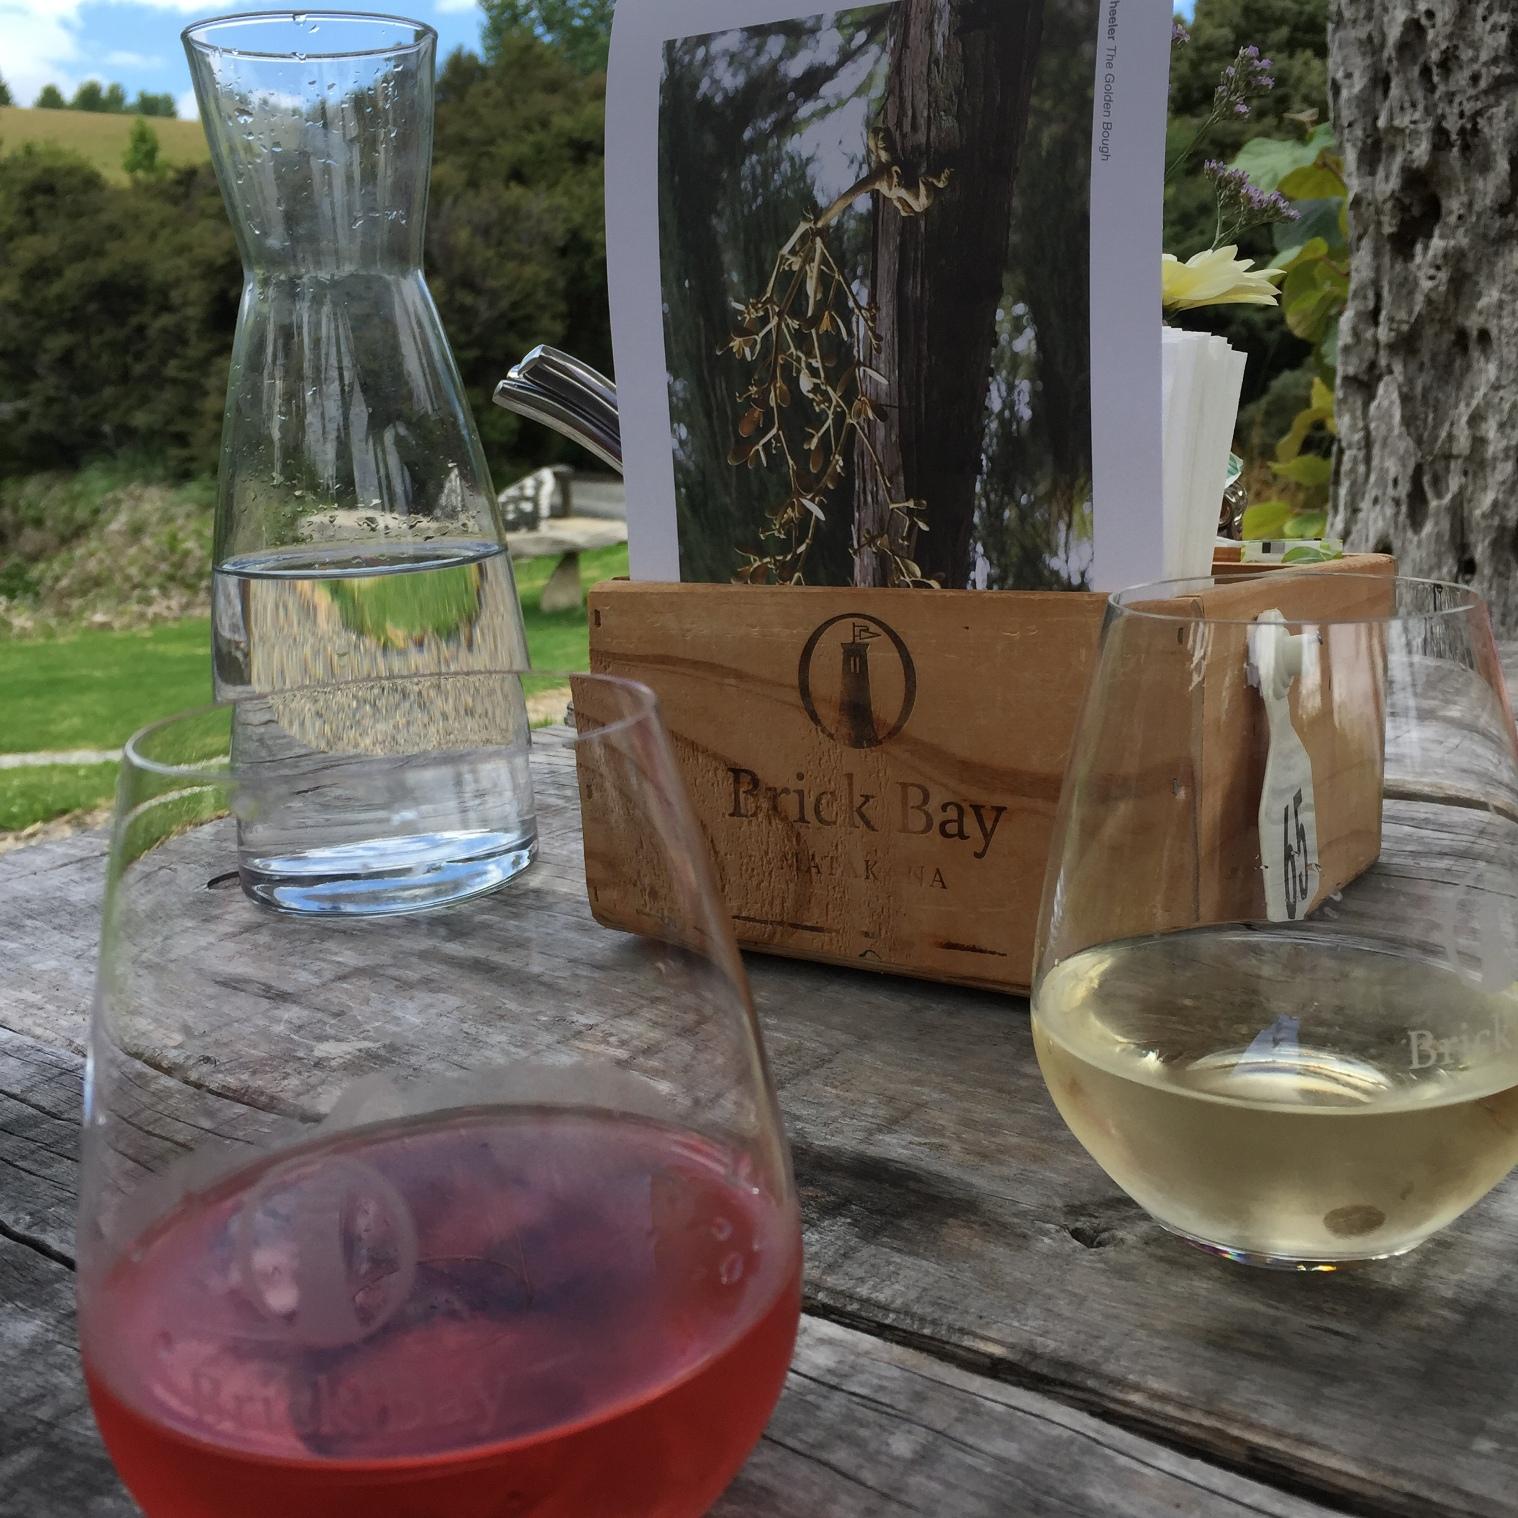 Dine al fresco and indulge in a glass of Brick Bay wine